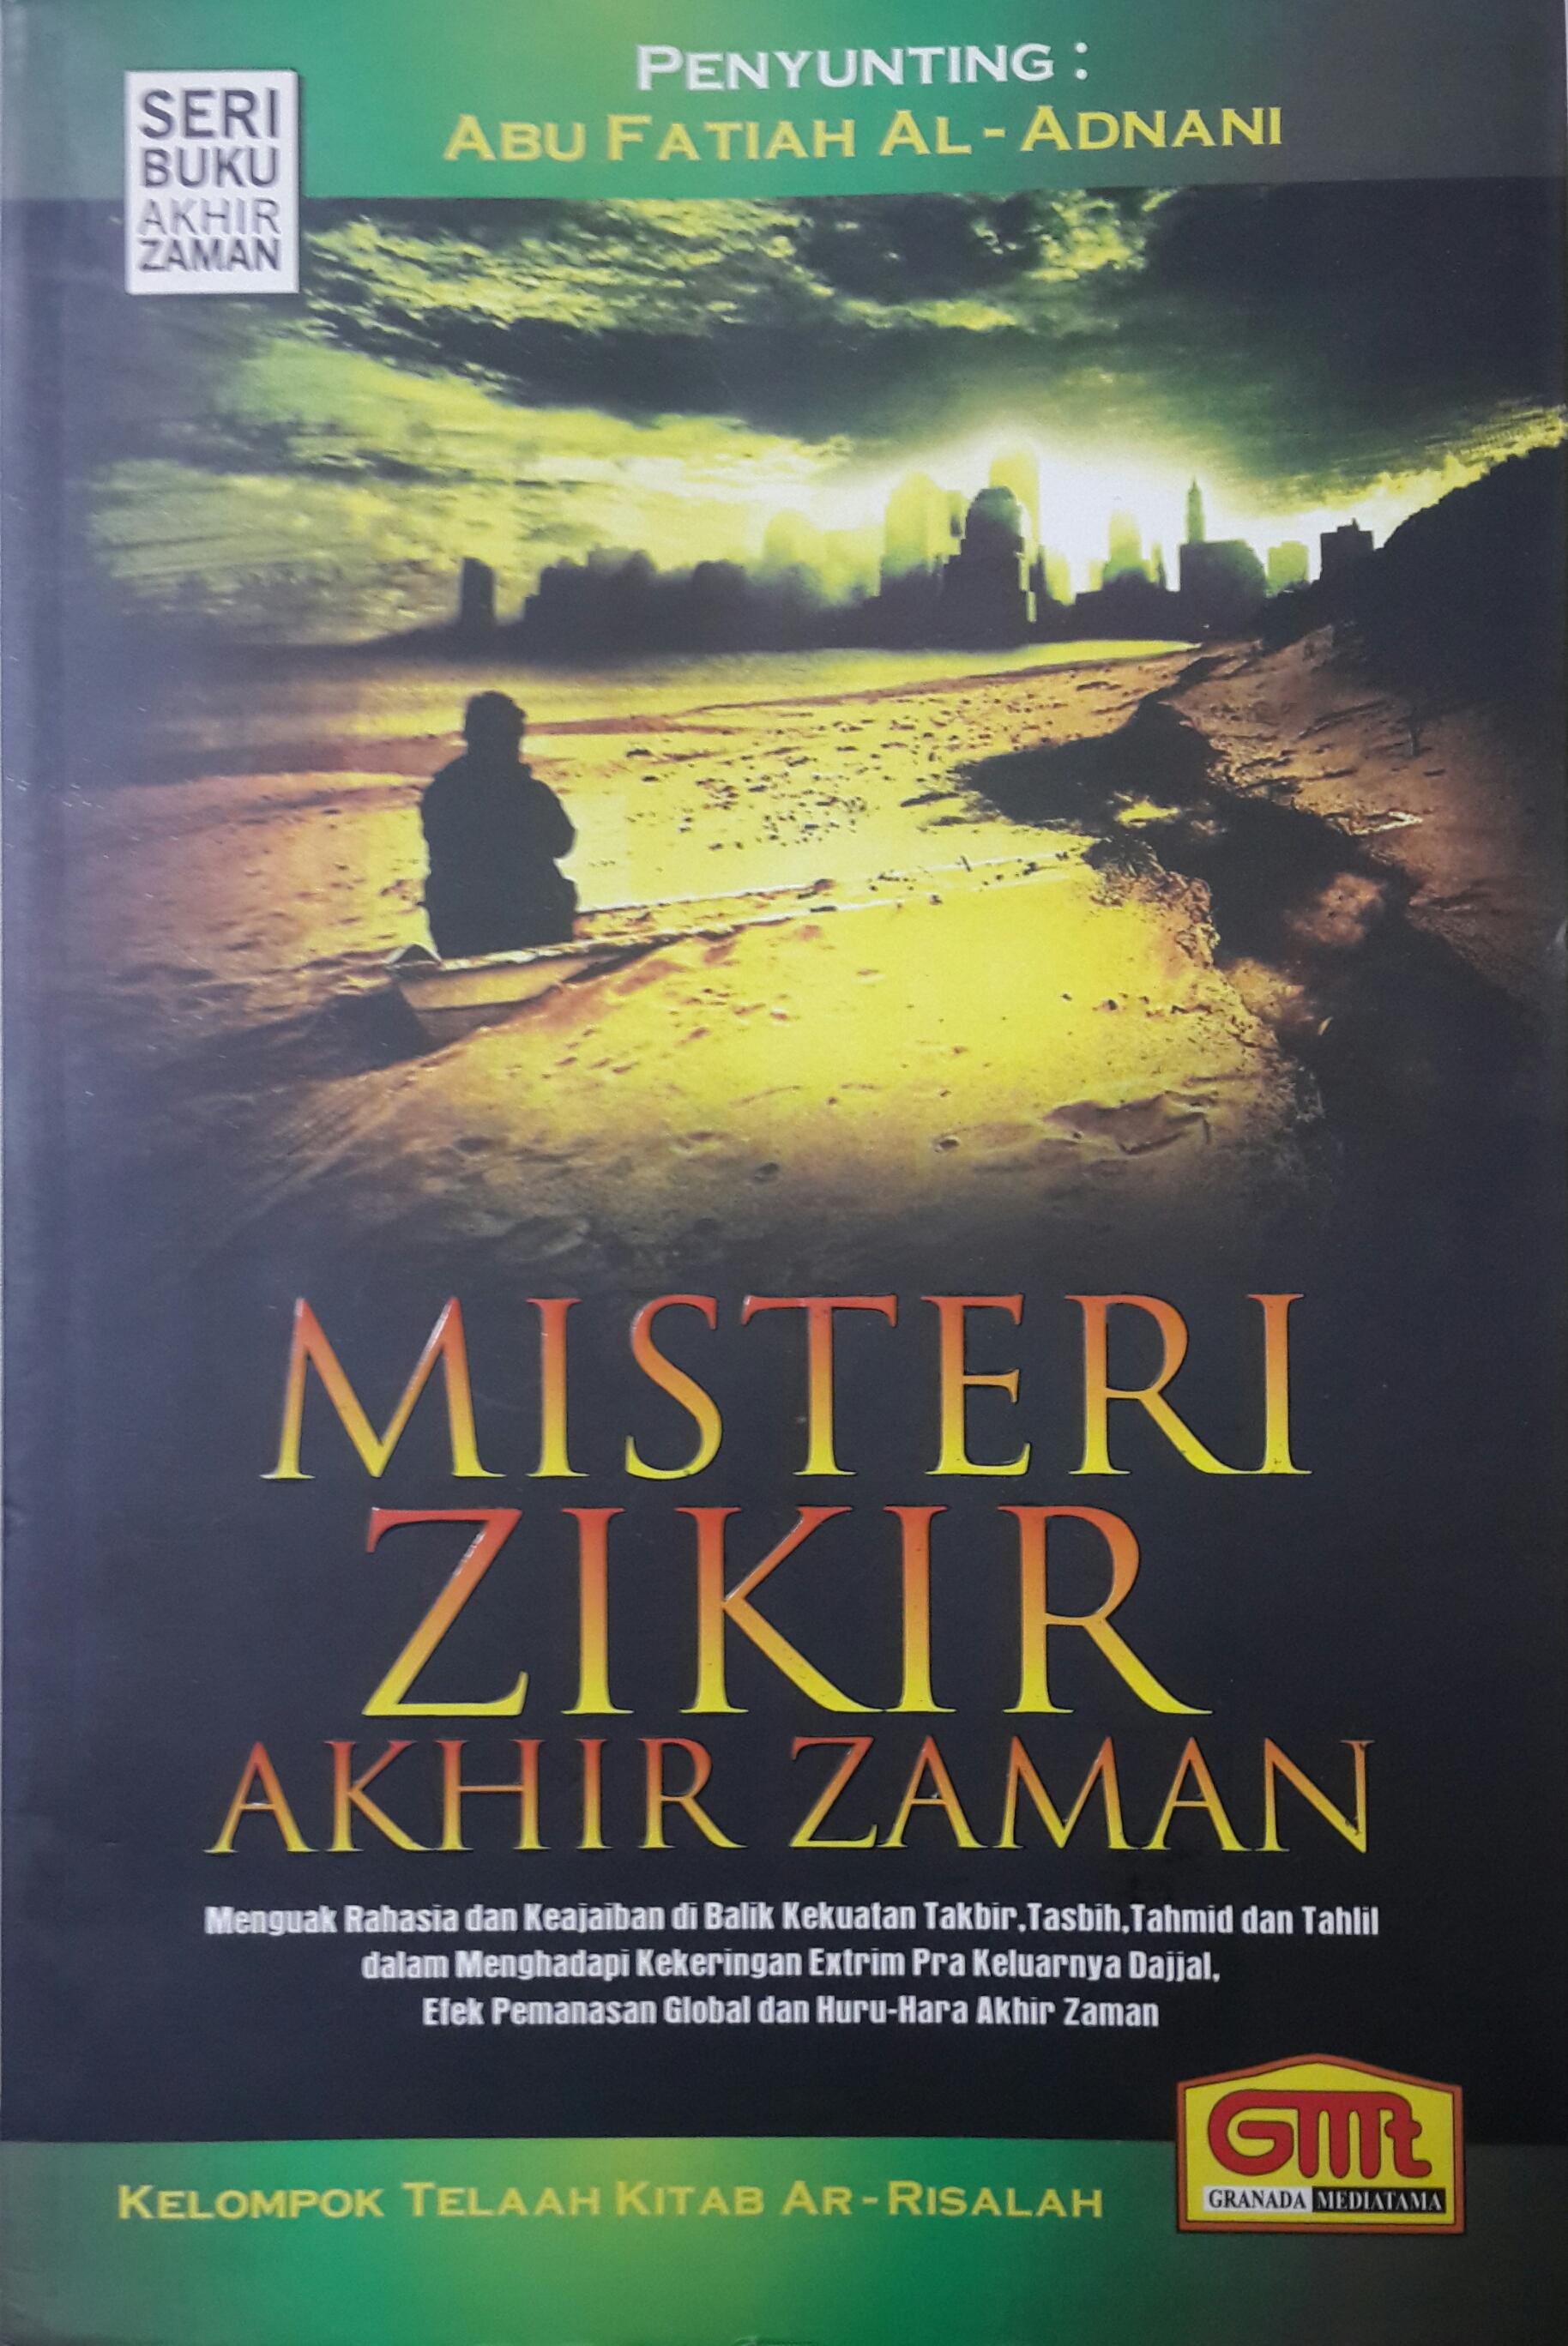 Granada Mediatama Zikir Akhir Zaman Daftar Harga Terkini Dan Buku Islam Abu Fatiah Al Adnani Save 8